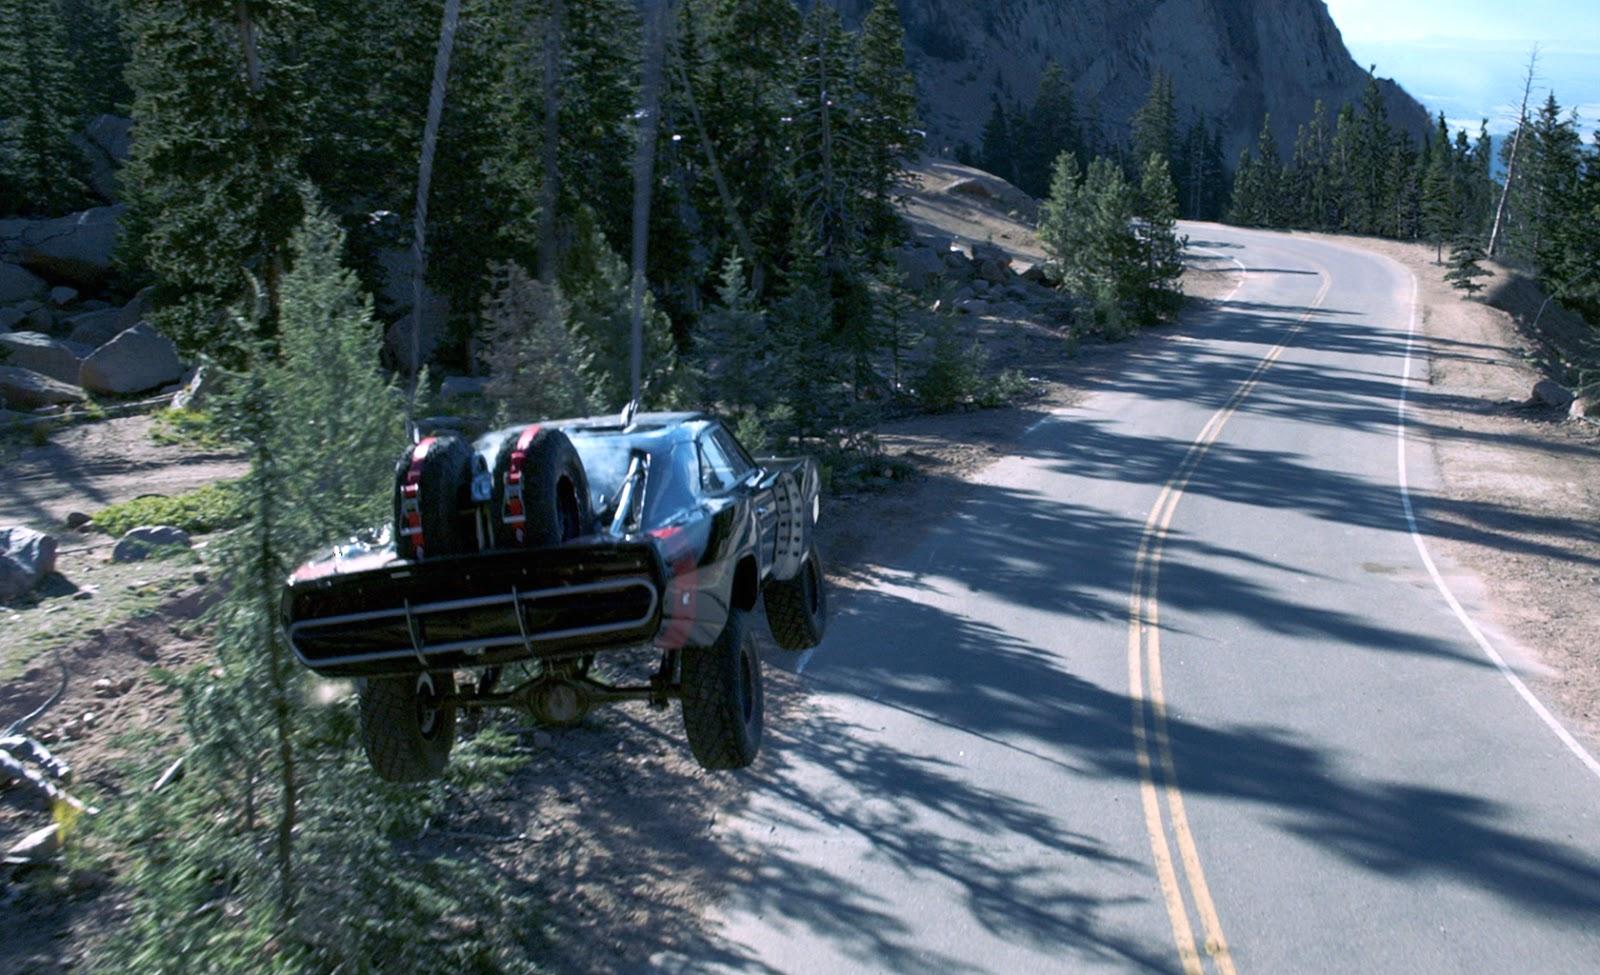 Mașini puternice, femei frumoase și cascadorii imposibil de realizat în Furious 7